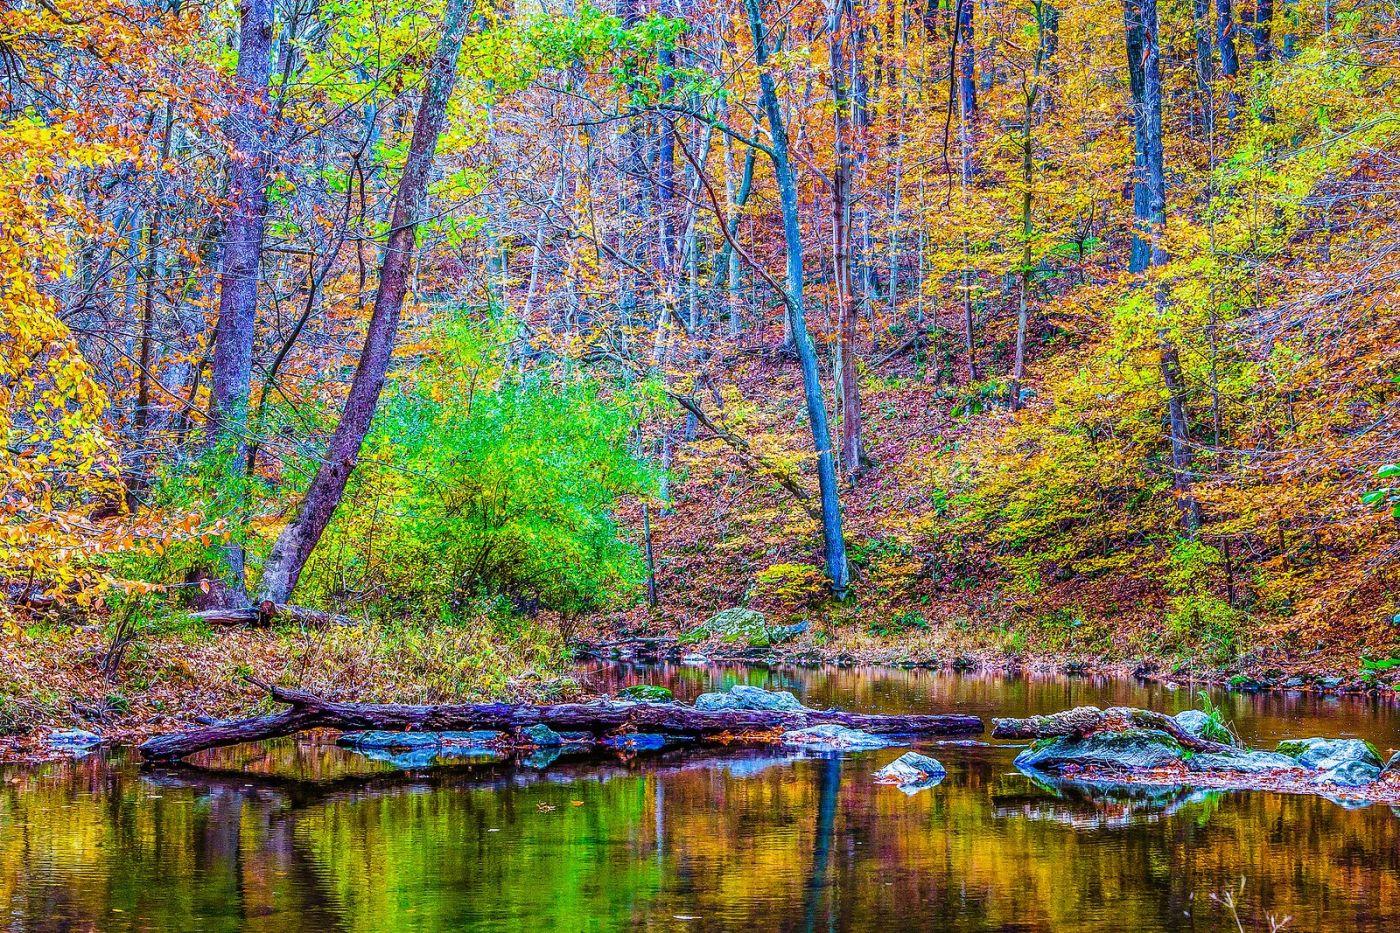 宾州雷德利克里克公园(Ridley creek park),大自然的舞台_图1-11